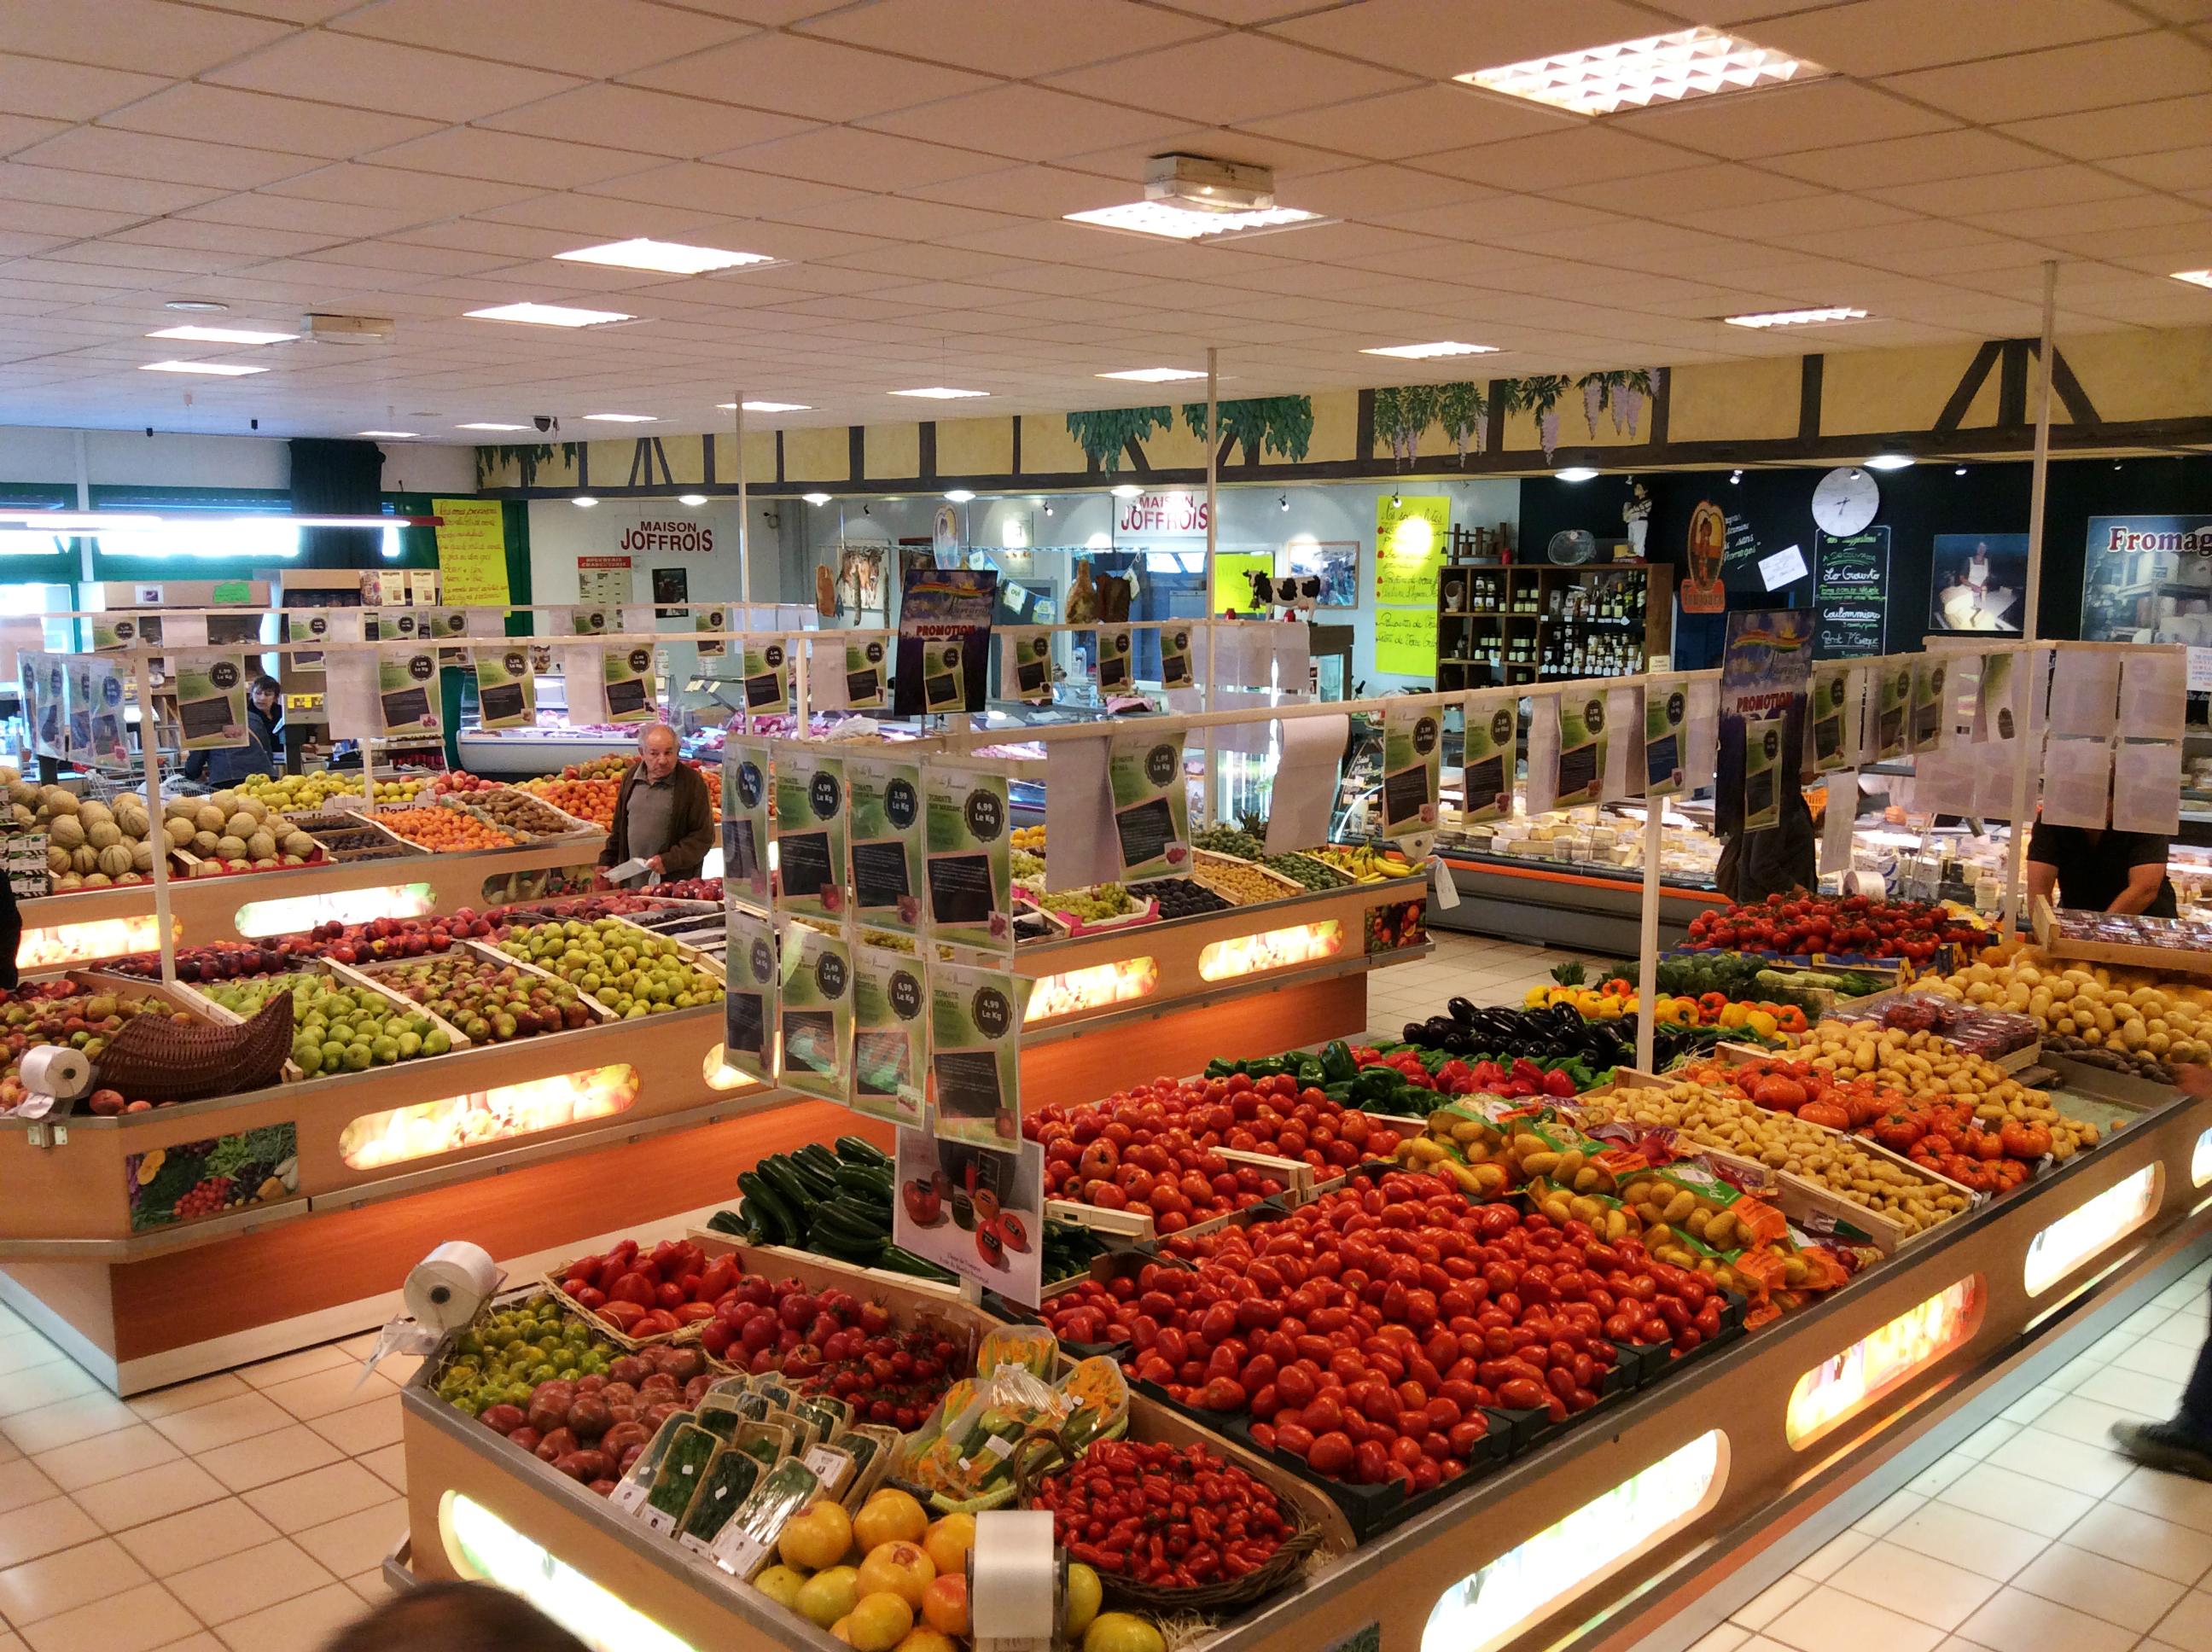 Le march proven al magasin aurillac fruits et l gumes - Marche provencal chambray ...